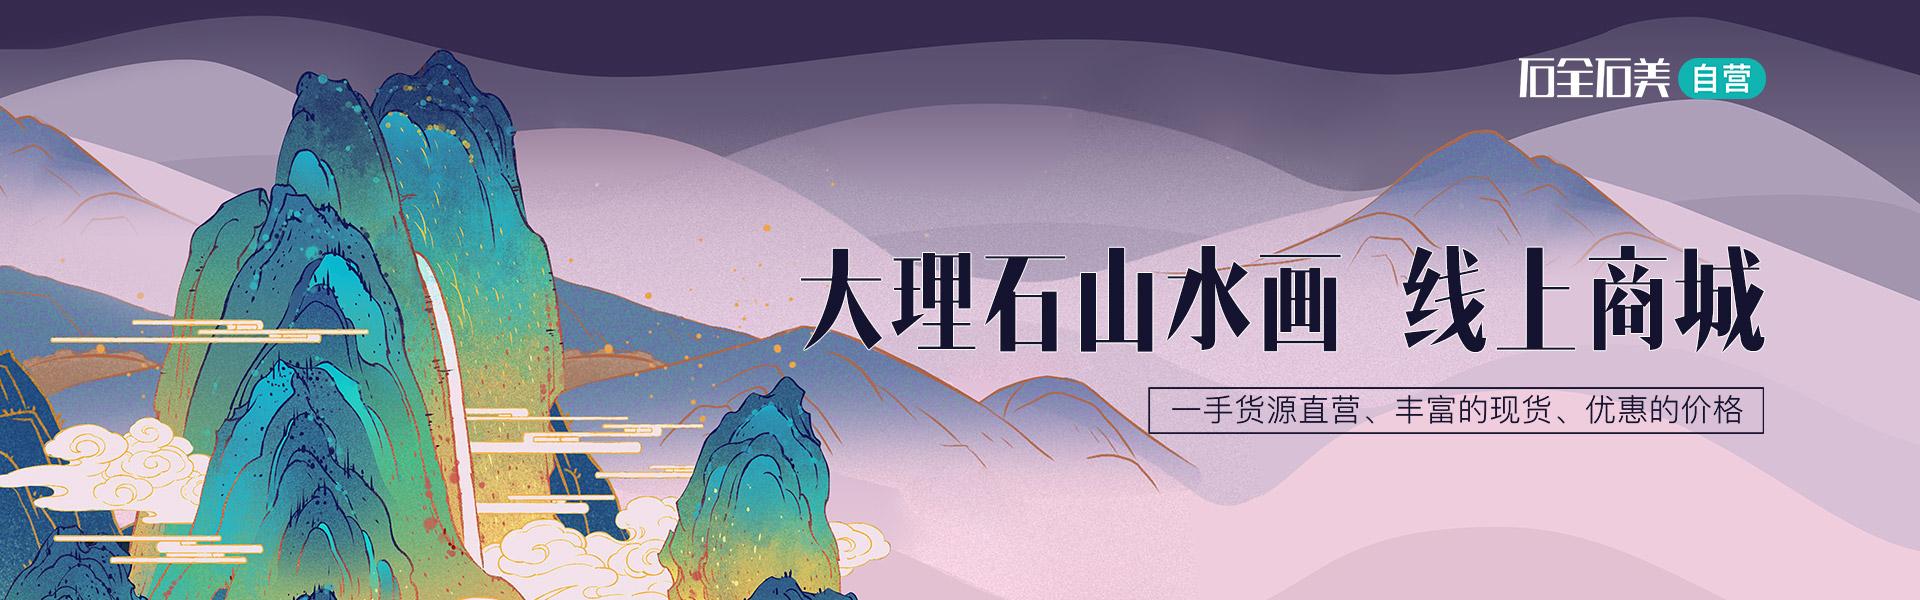 网站-山水画